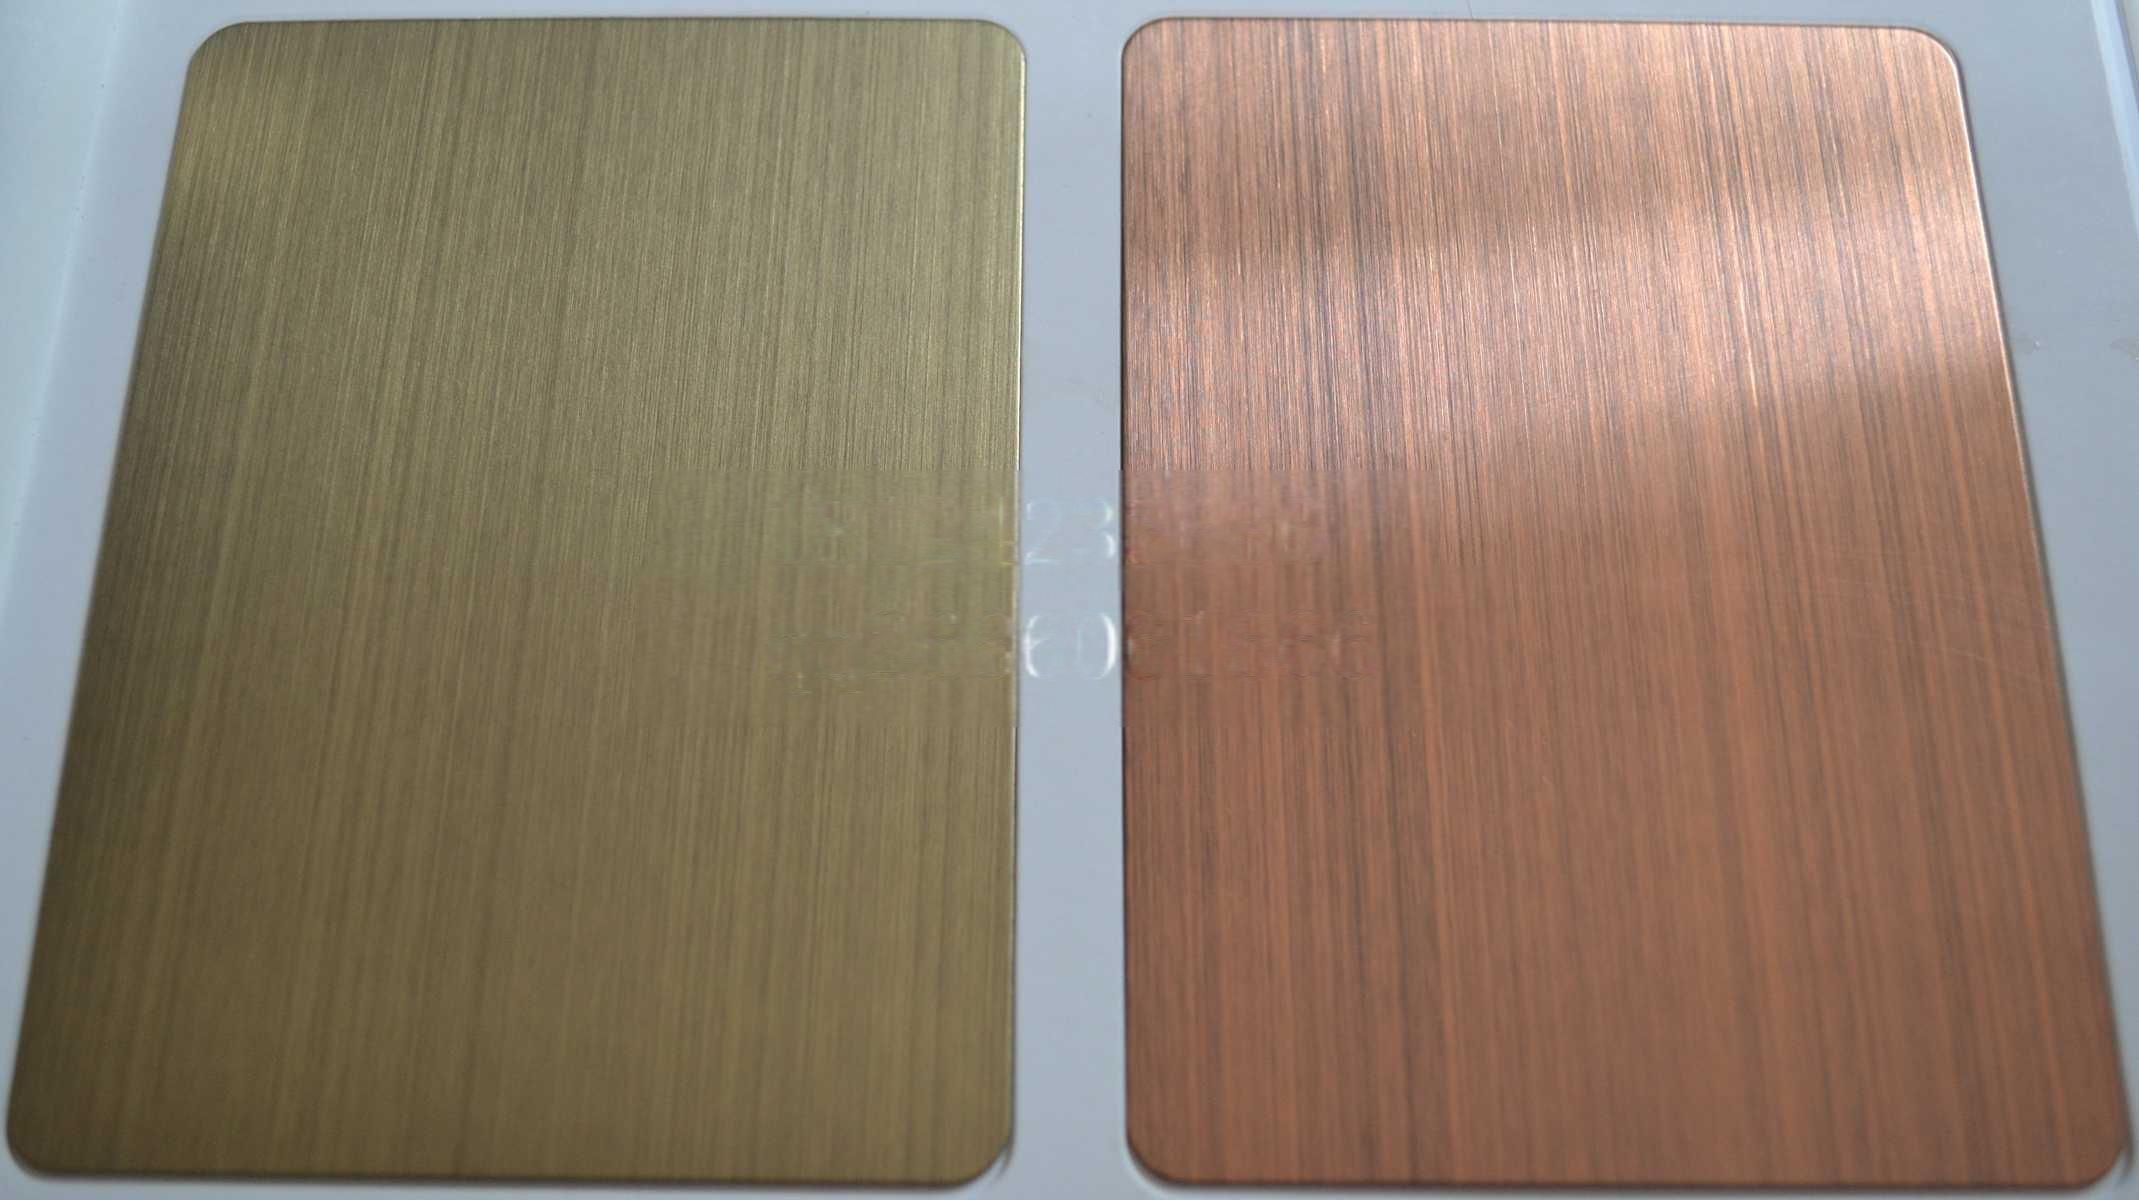 提供不锈钢板不锈钢管表面处理拉丝蚀刻镀色工厂7910255